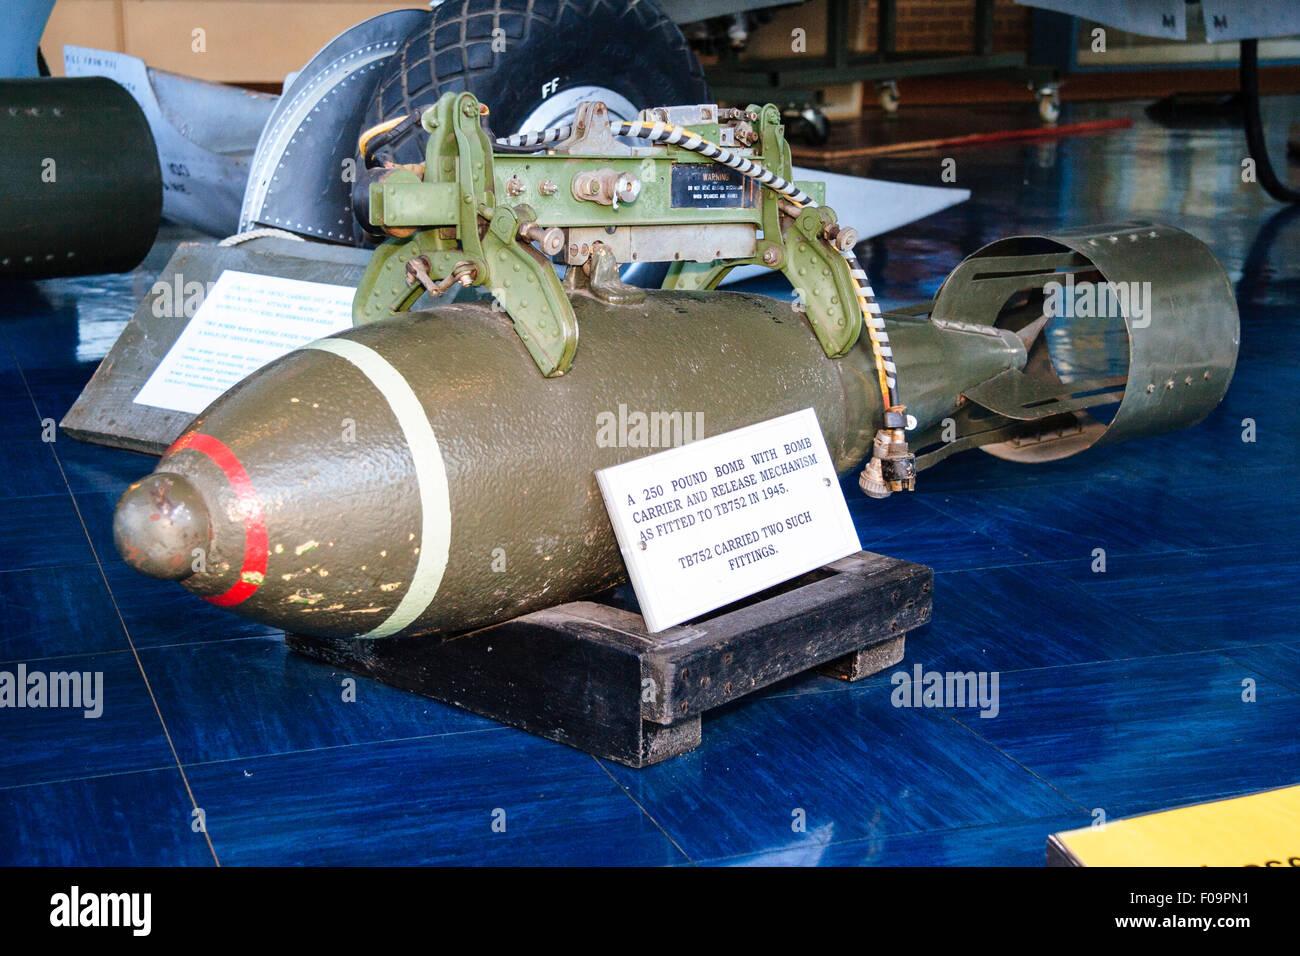 England, RAF Manston Battle of Britain memorial museum. 250 lb bomb. - Stock Image